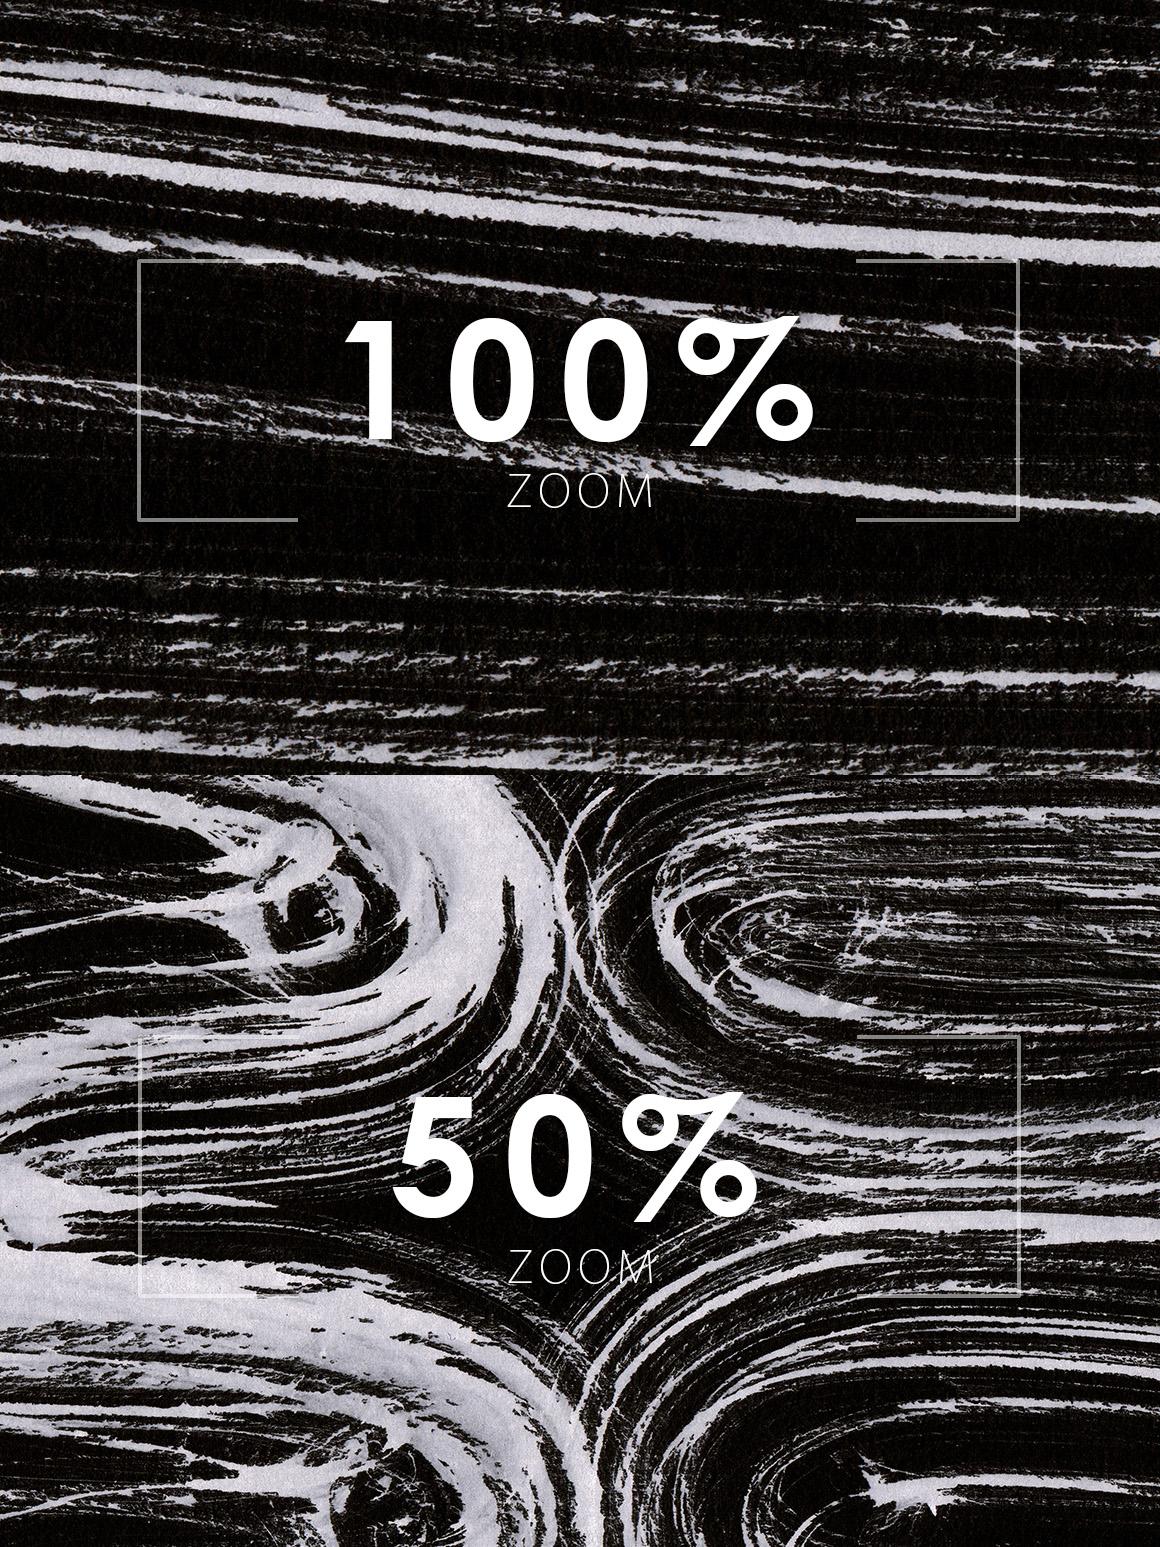 Inverted Black Ink Backgrounds 2